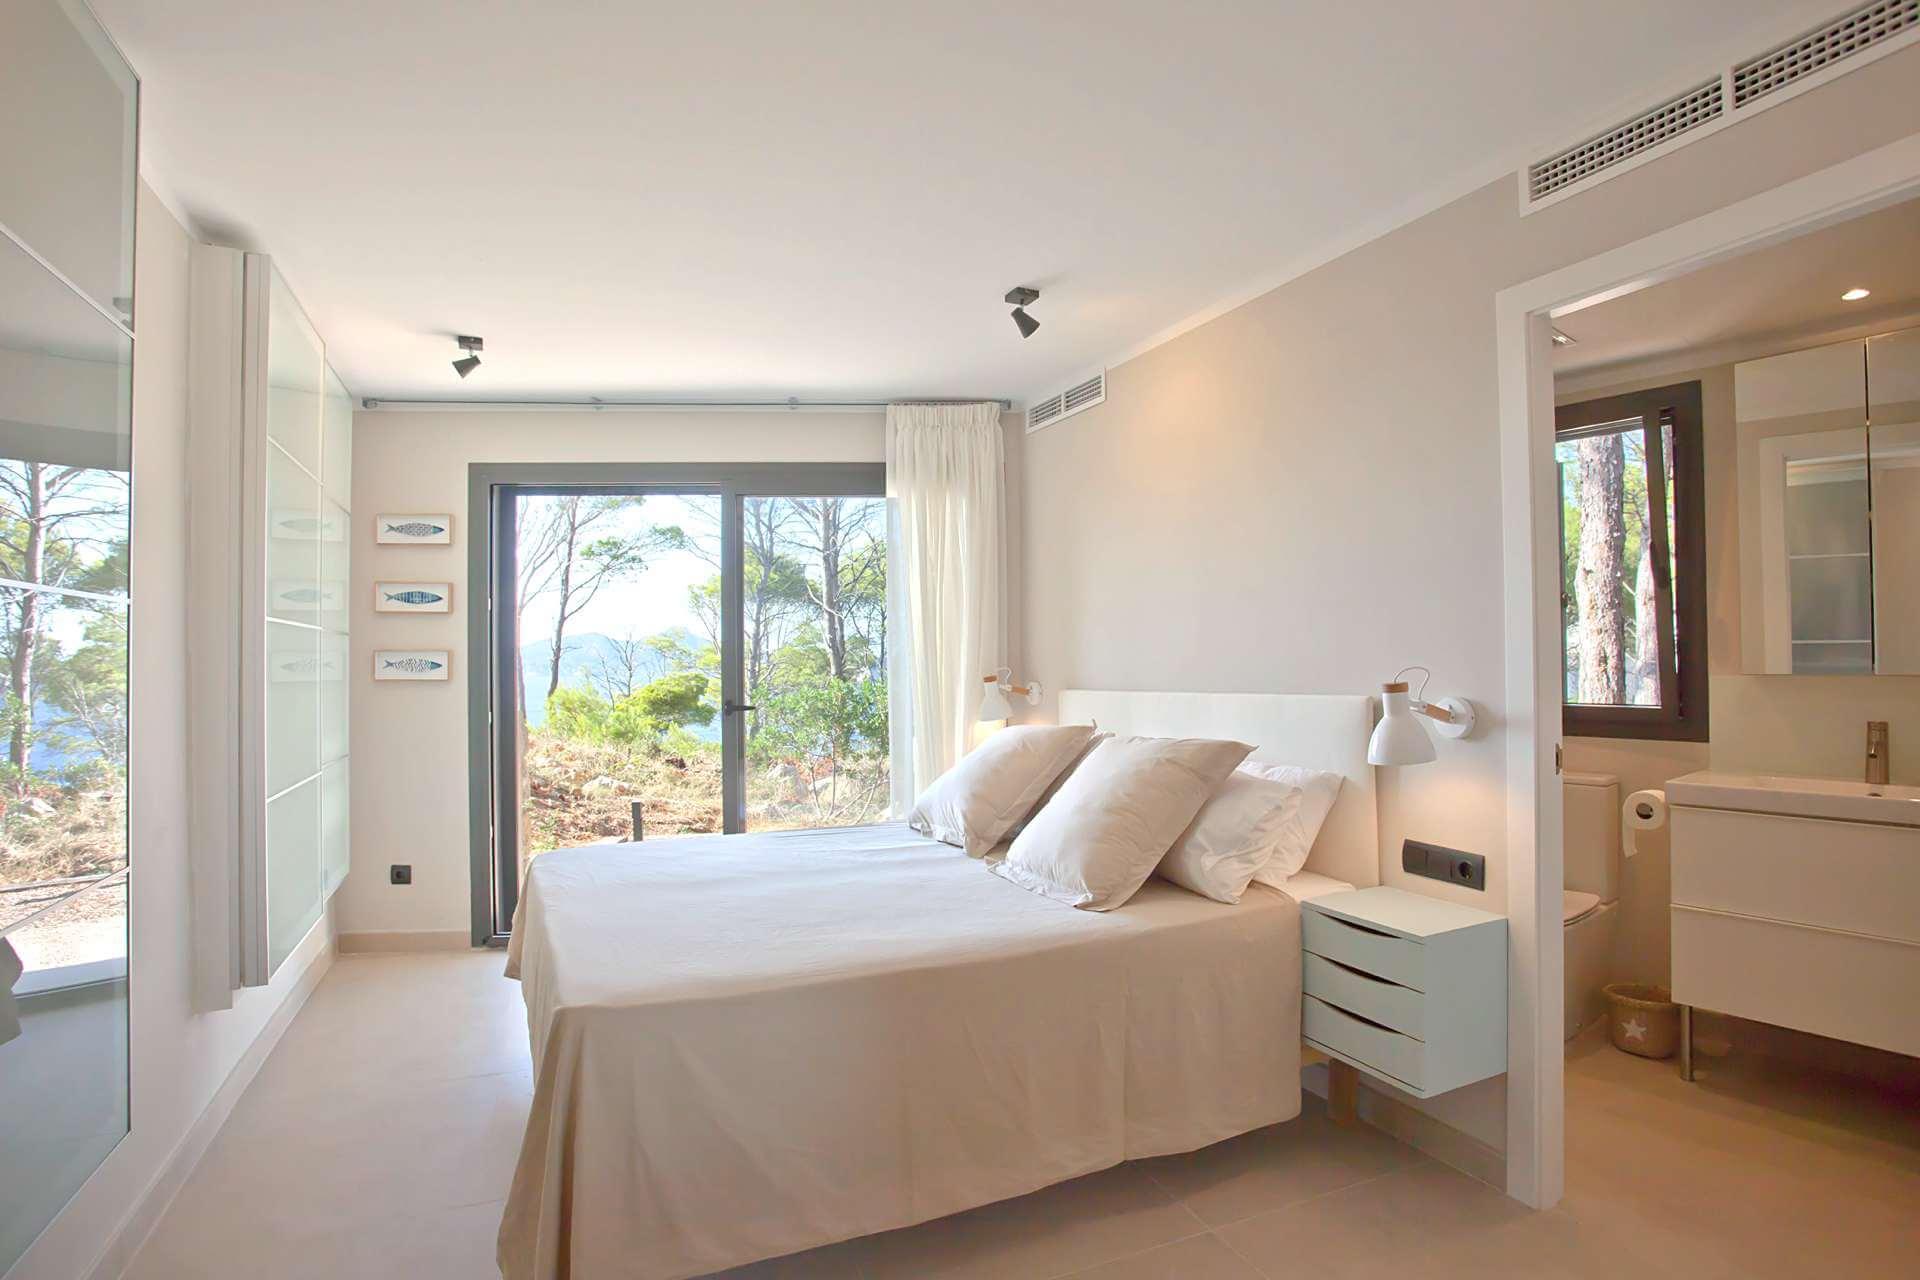 01-332 Sea view Villa Mallorca southwest Bild 40